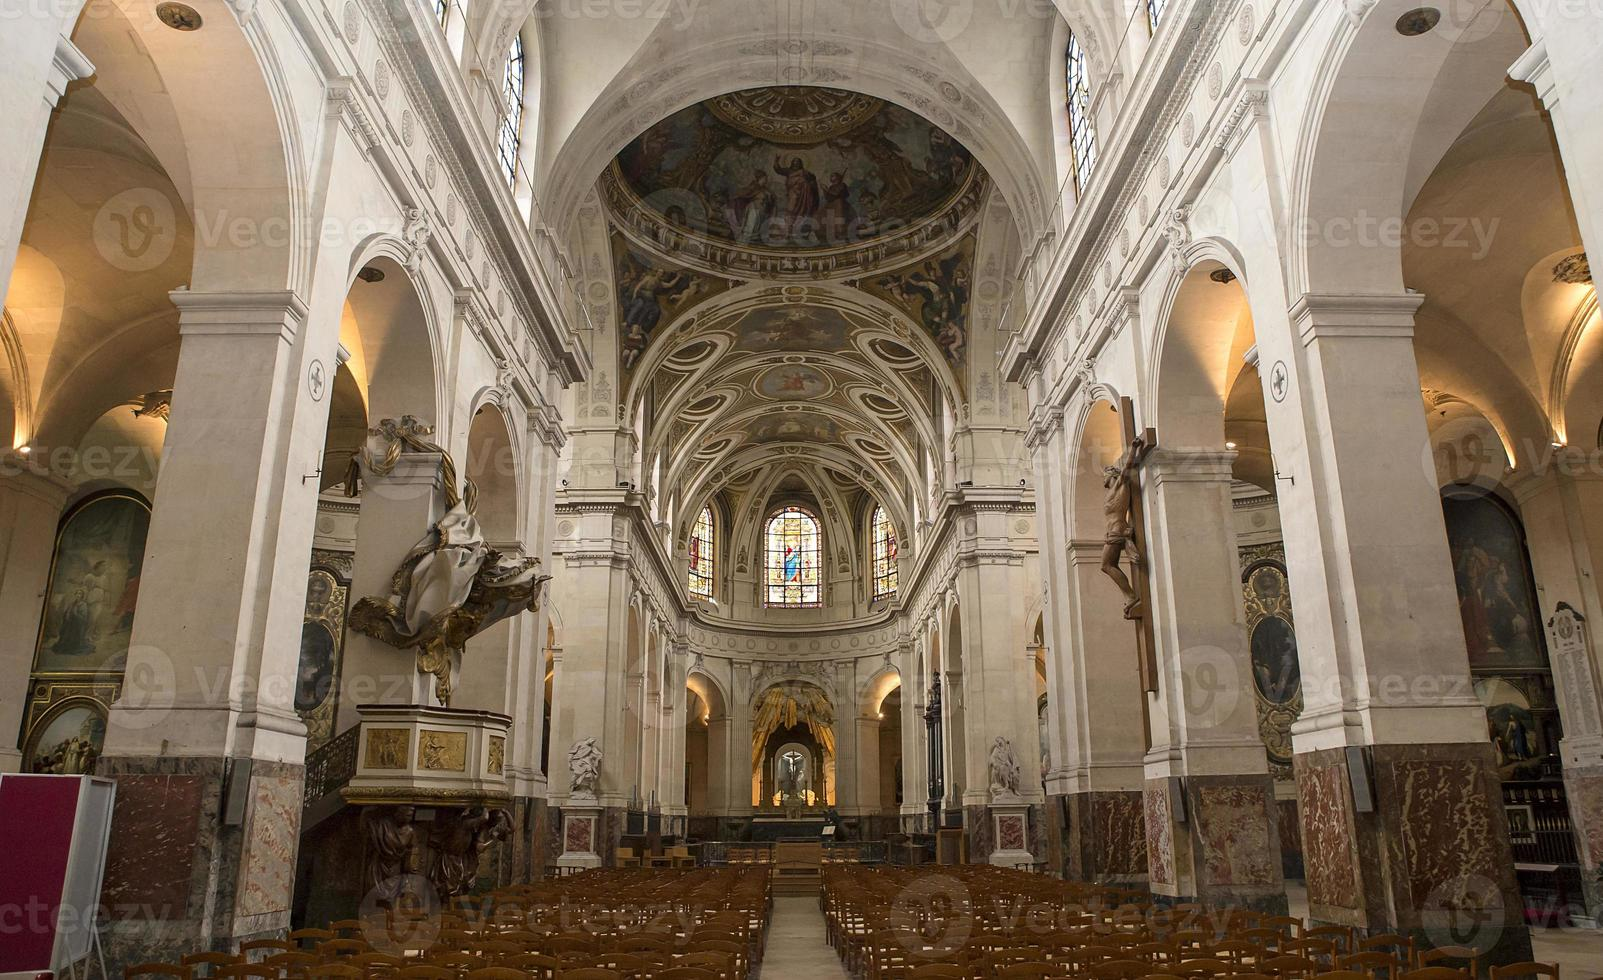 interieurs en details van de kerk van saint roch, parijs, frankrijk foto